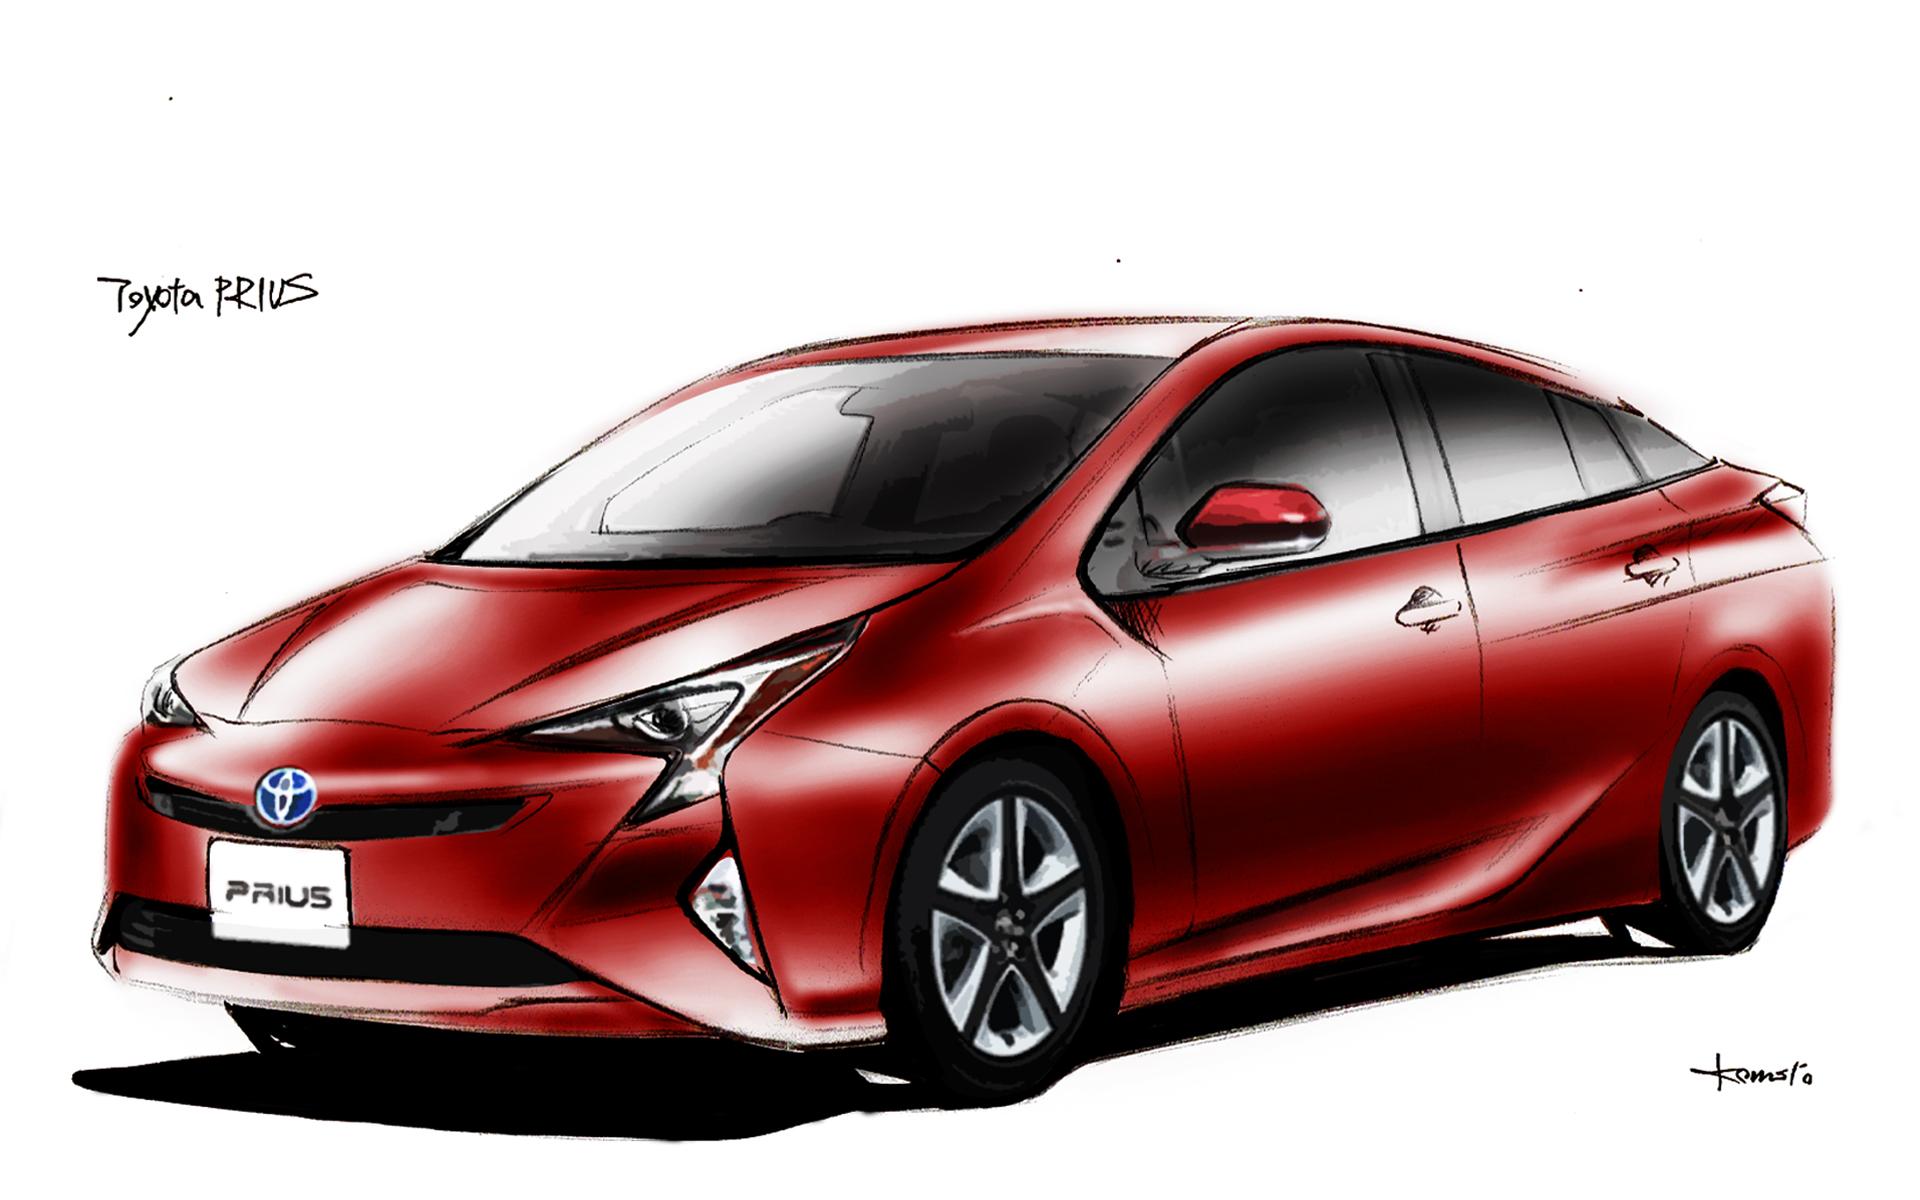 トヨタ 新型プリウスの値引き方法を研究する - 新車を安く買う ...